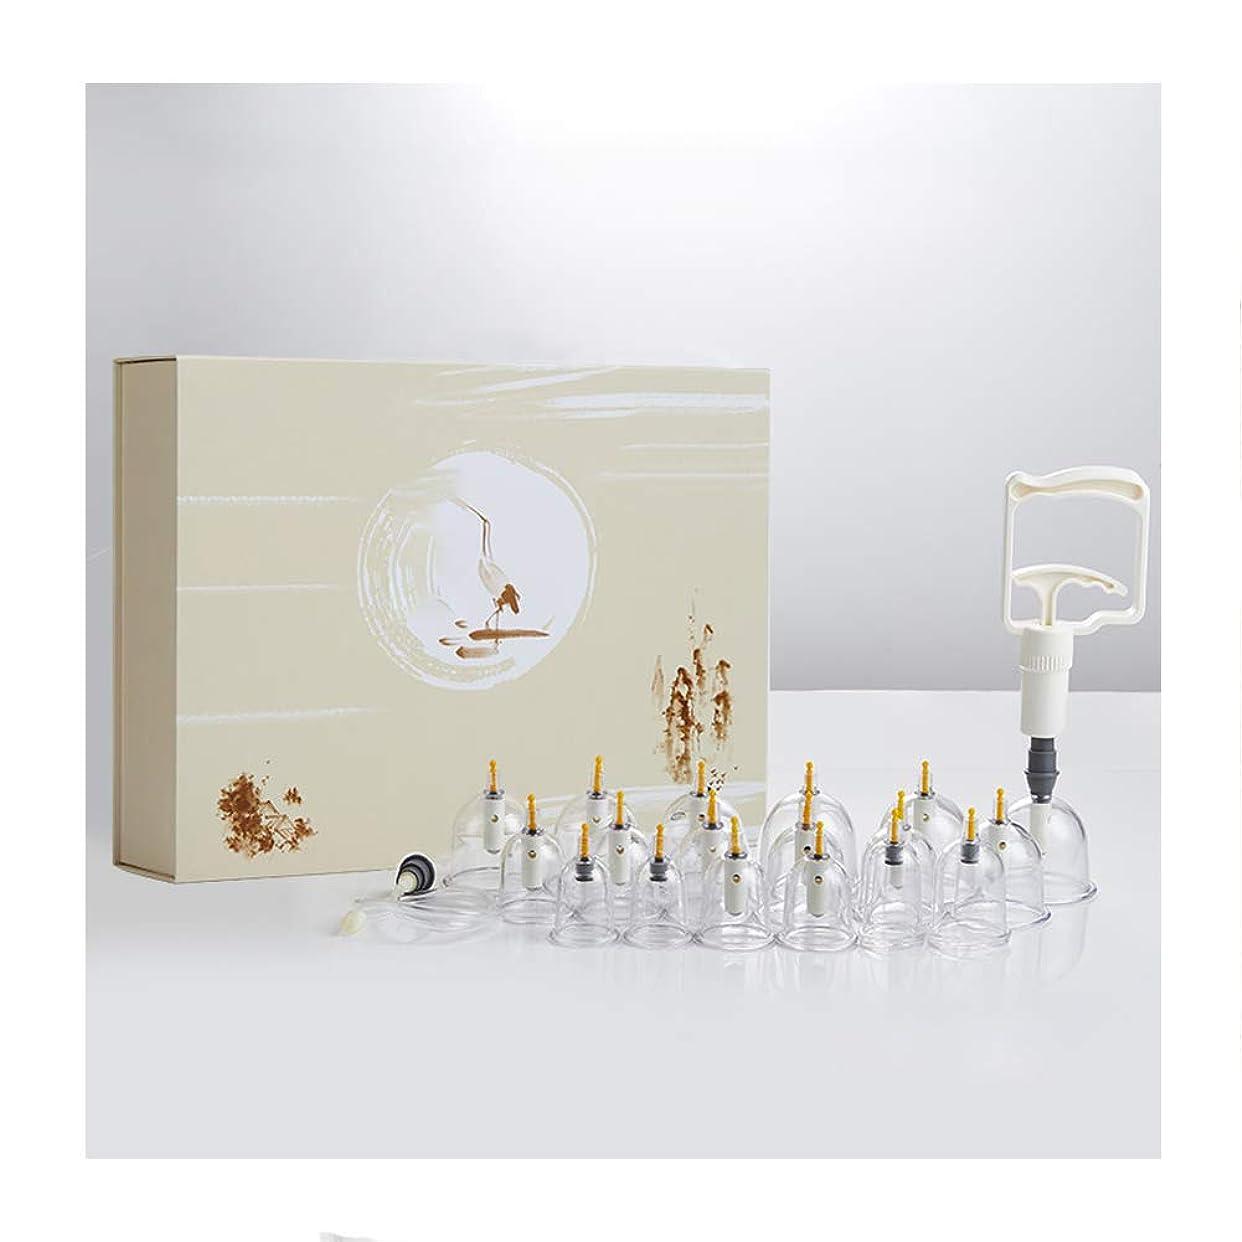 連鎖ドラムガラガラ18カップカッピングセットプラスチック、真空吸引生体磁気中国式ツボ療法、ポンプ付き家庭、ボディマッサージ痛みの緩和理学療法排泄毒素